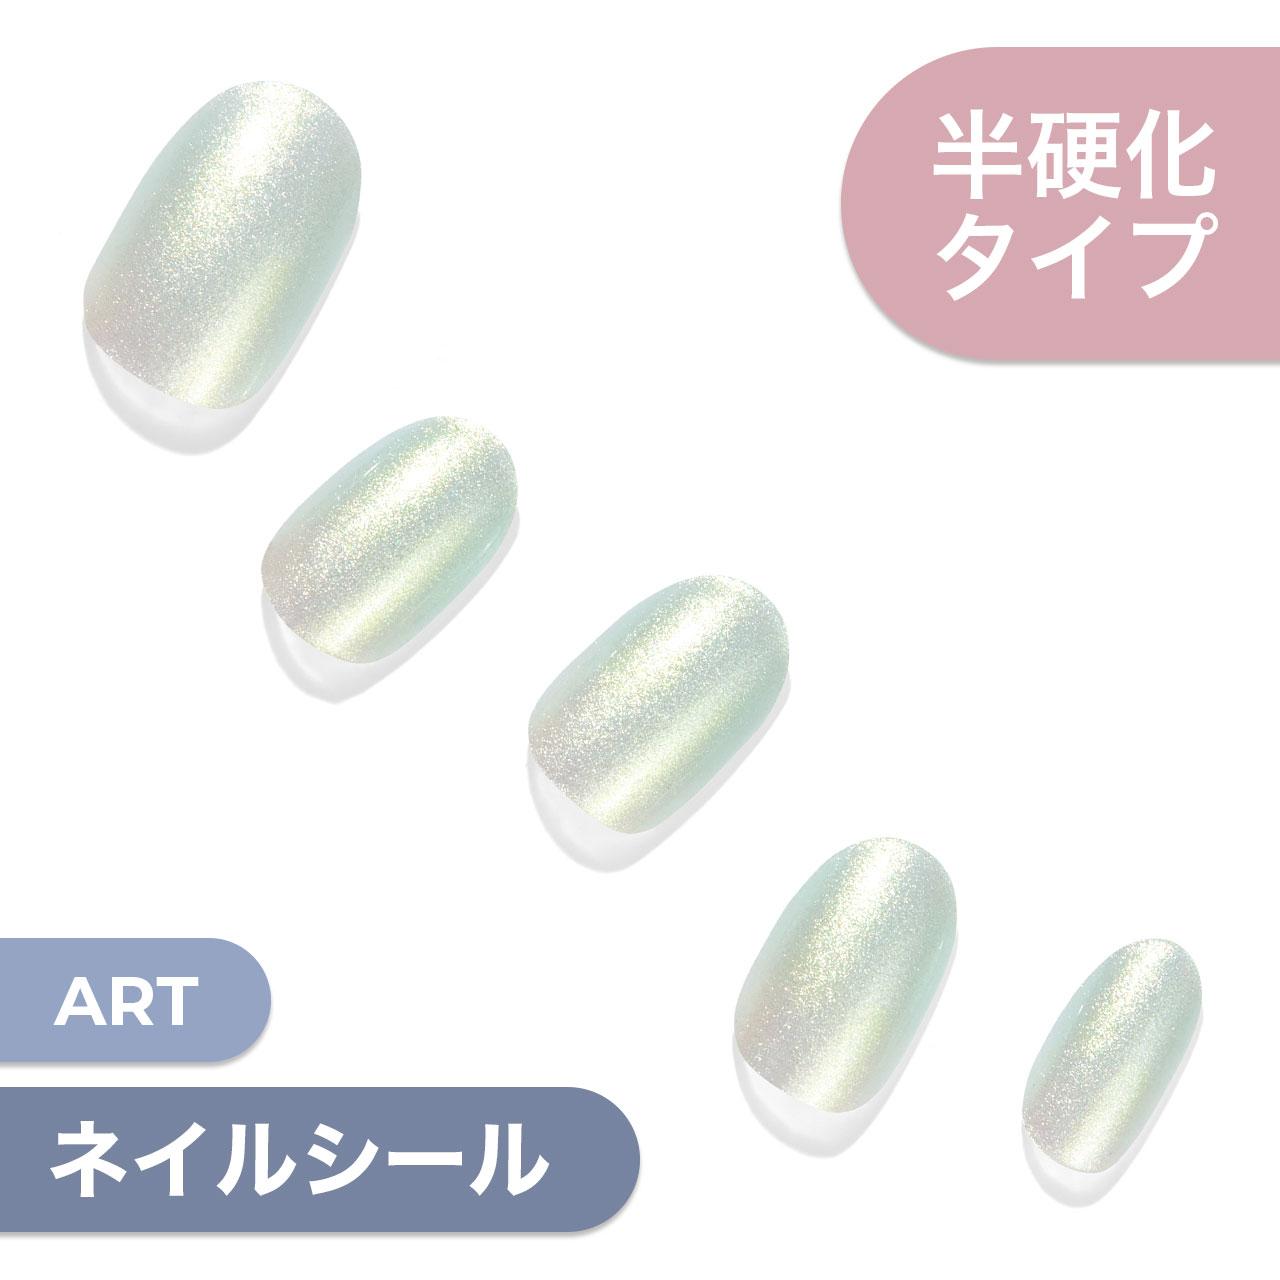 【Mint Aurora】ダッシングディバグレーズ